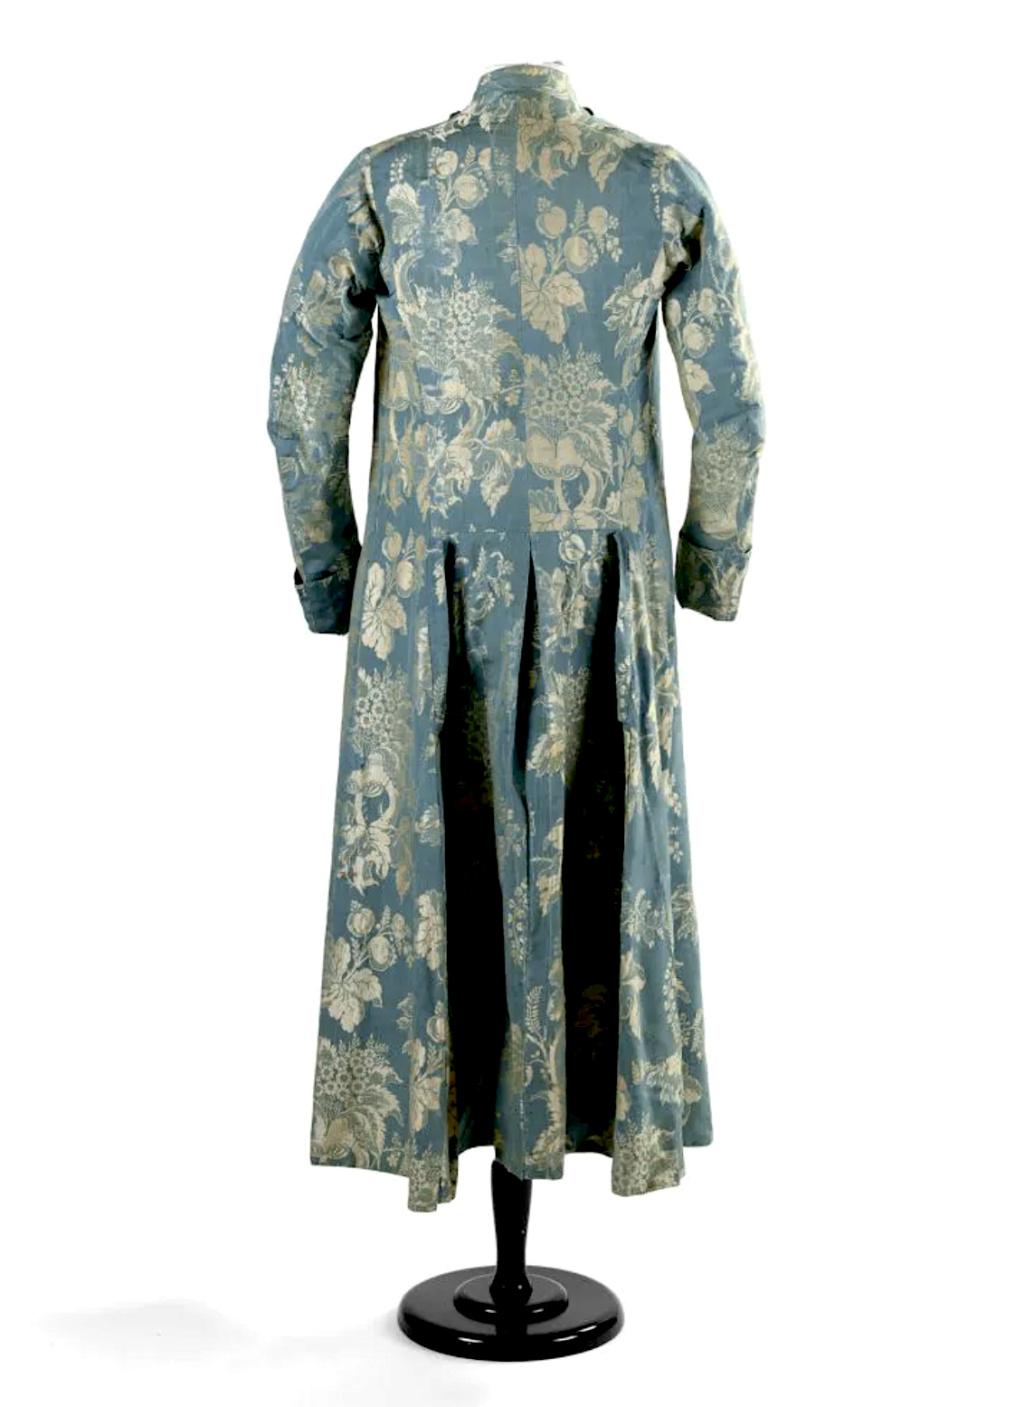 Manteau d'intérieur et robe de chambre pour les hommes au XVIIIe siècle - Page 2 Capt2134